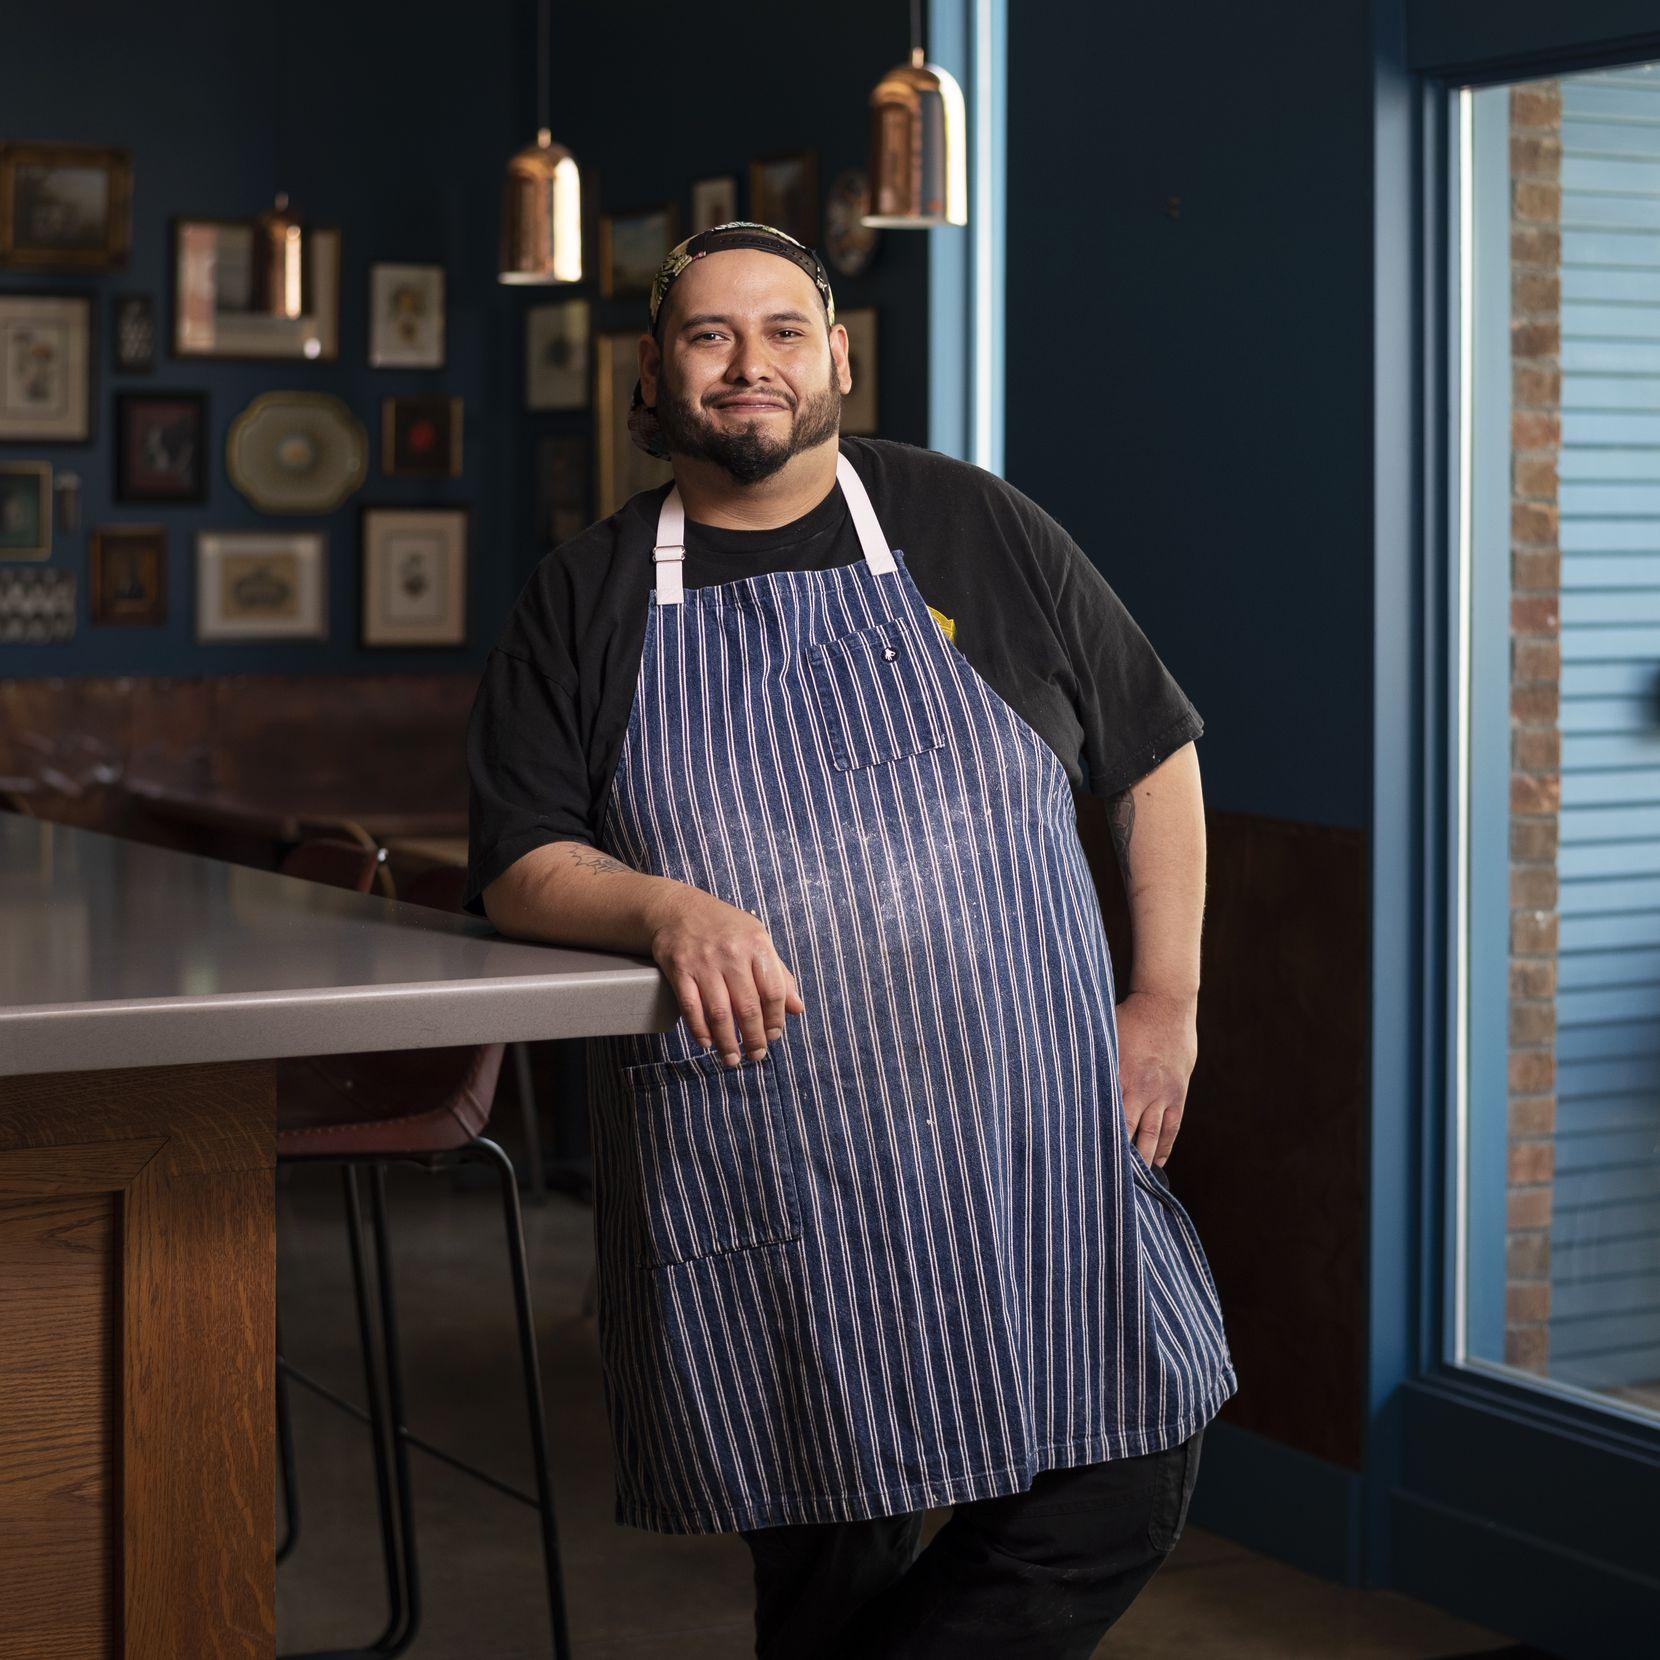 Bread baker Matt Ramirez of Lucia restaurant in Dallas